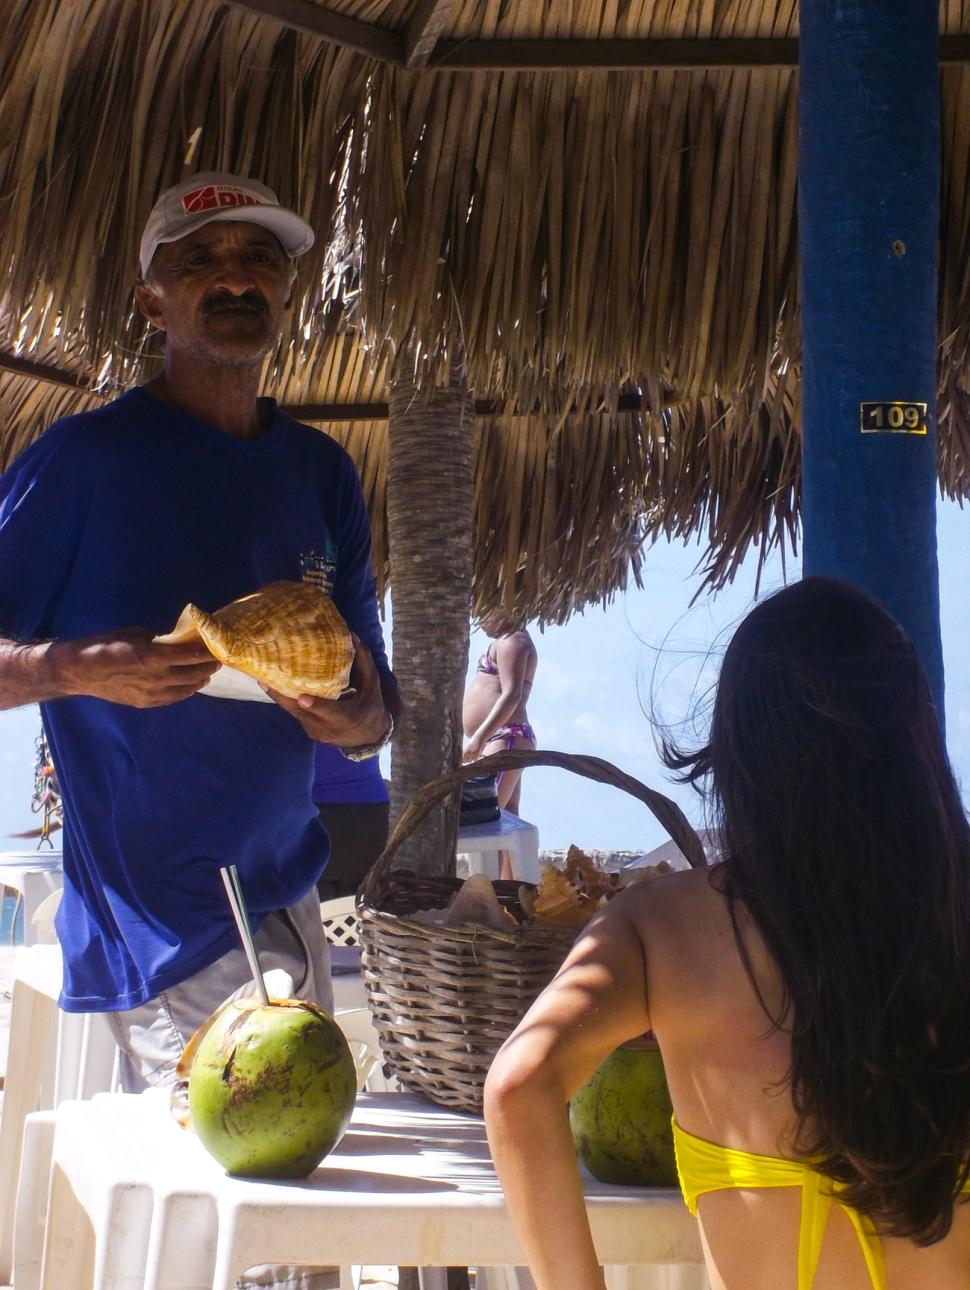 Fortaleza-Brazil-by-Polina-Paraskevopoulou-la-vie-en-blog-44